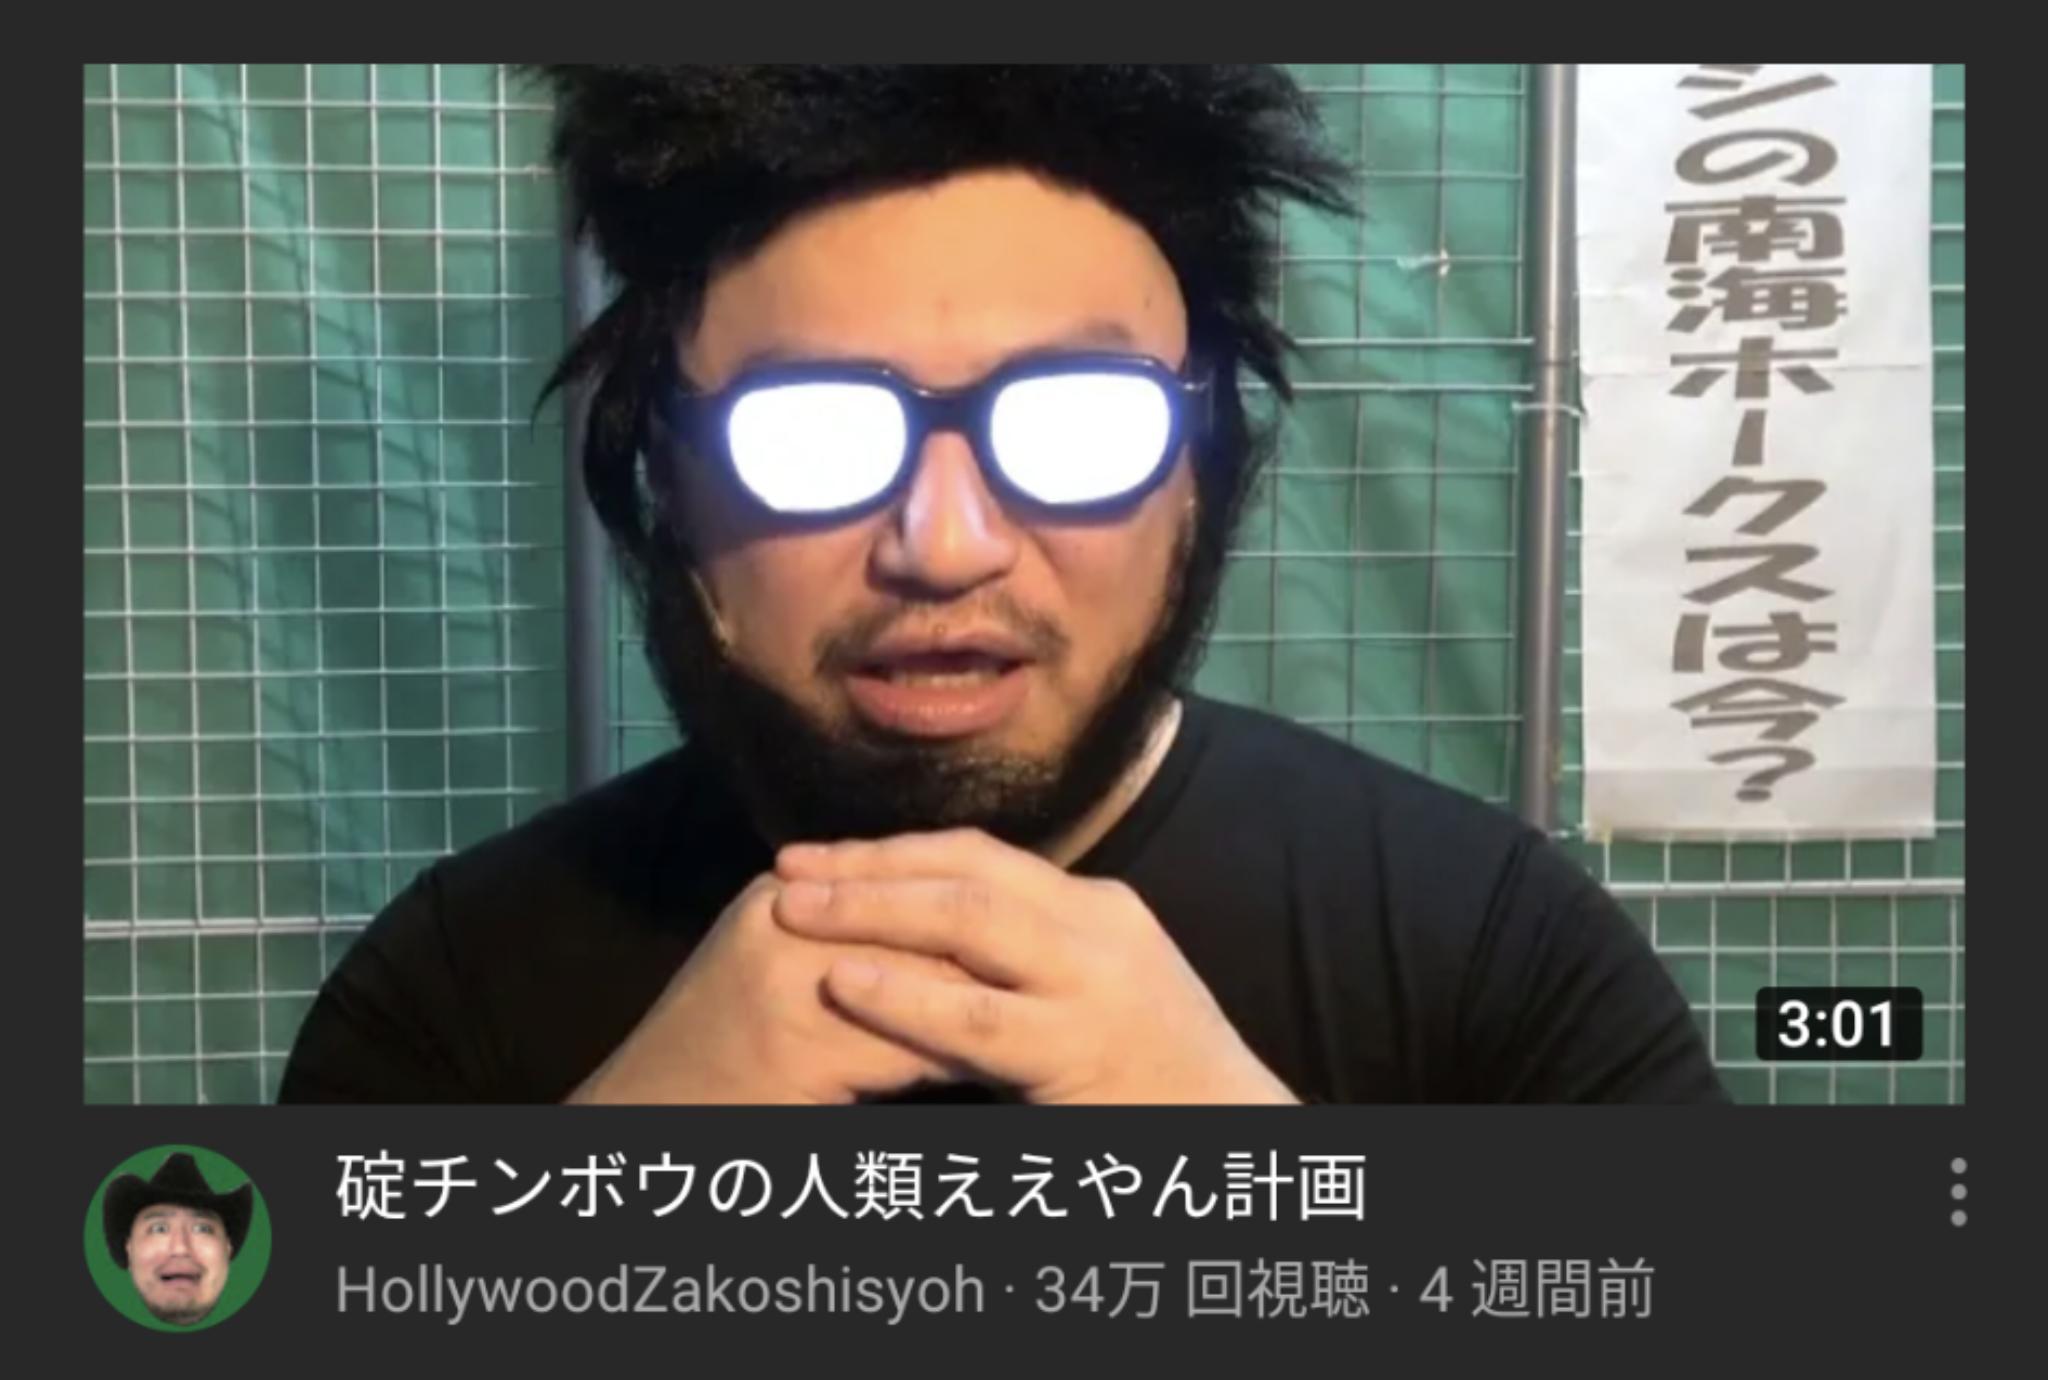 【ハゲ悲報】ハリウッドザコシショウのYoutube、意識が高すぎる